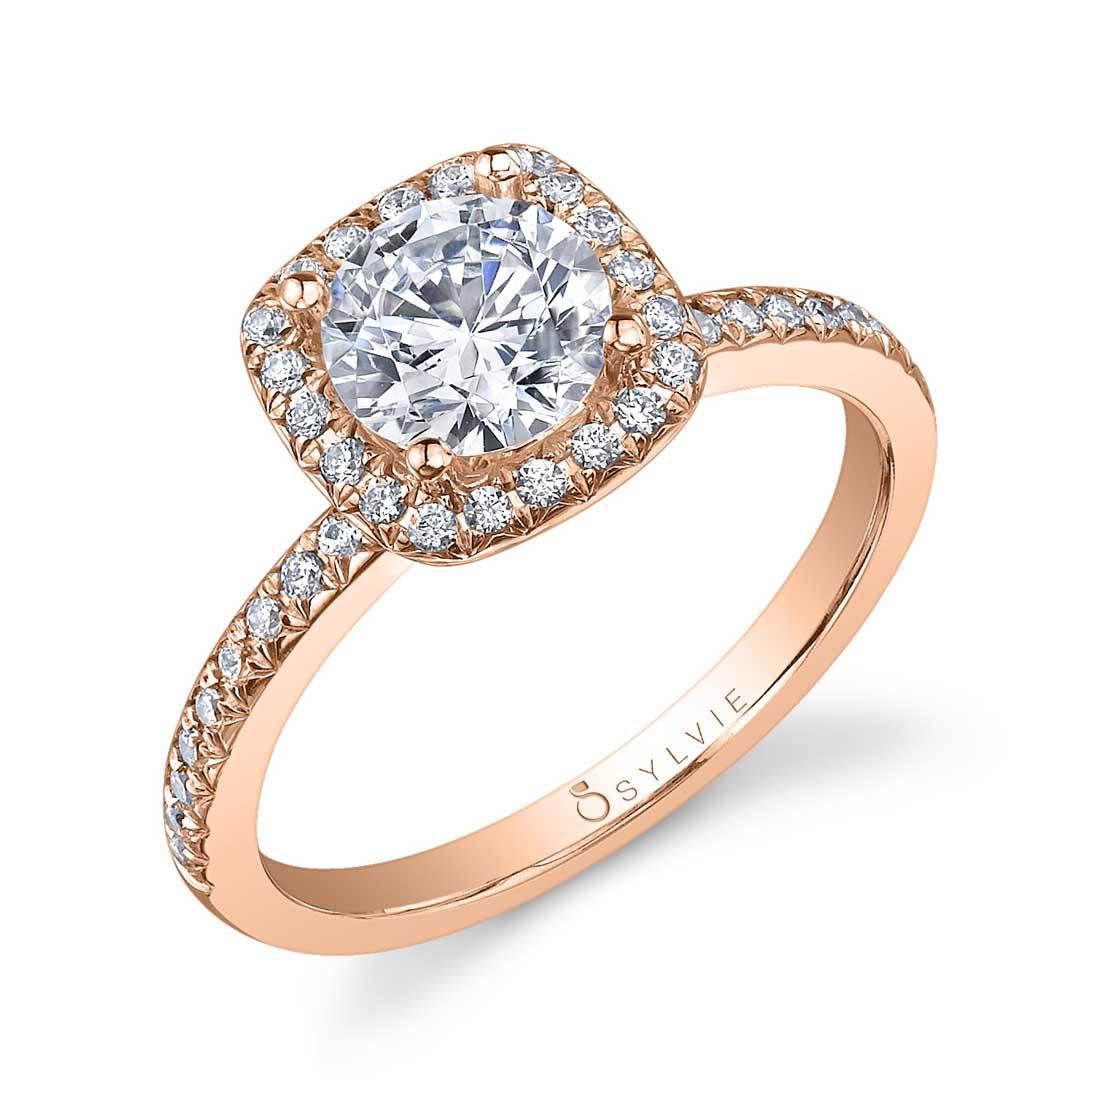 Lisette - Round Cushion Halo Engagement Ring